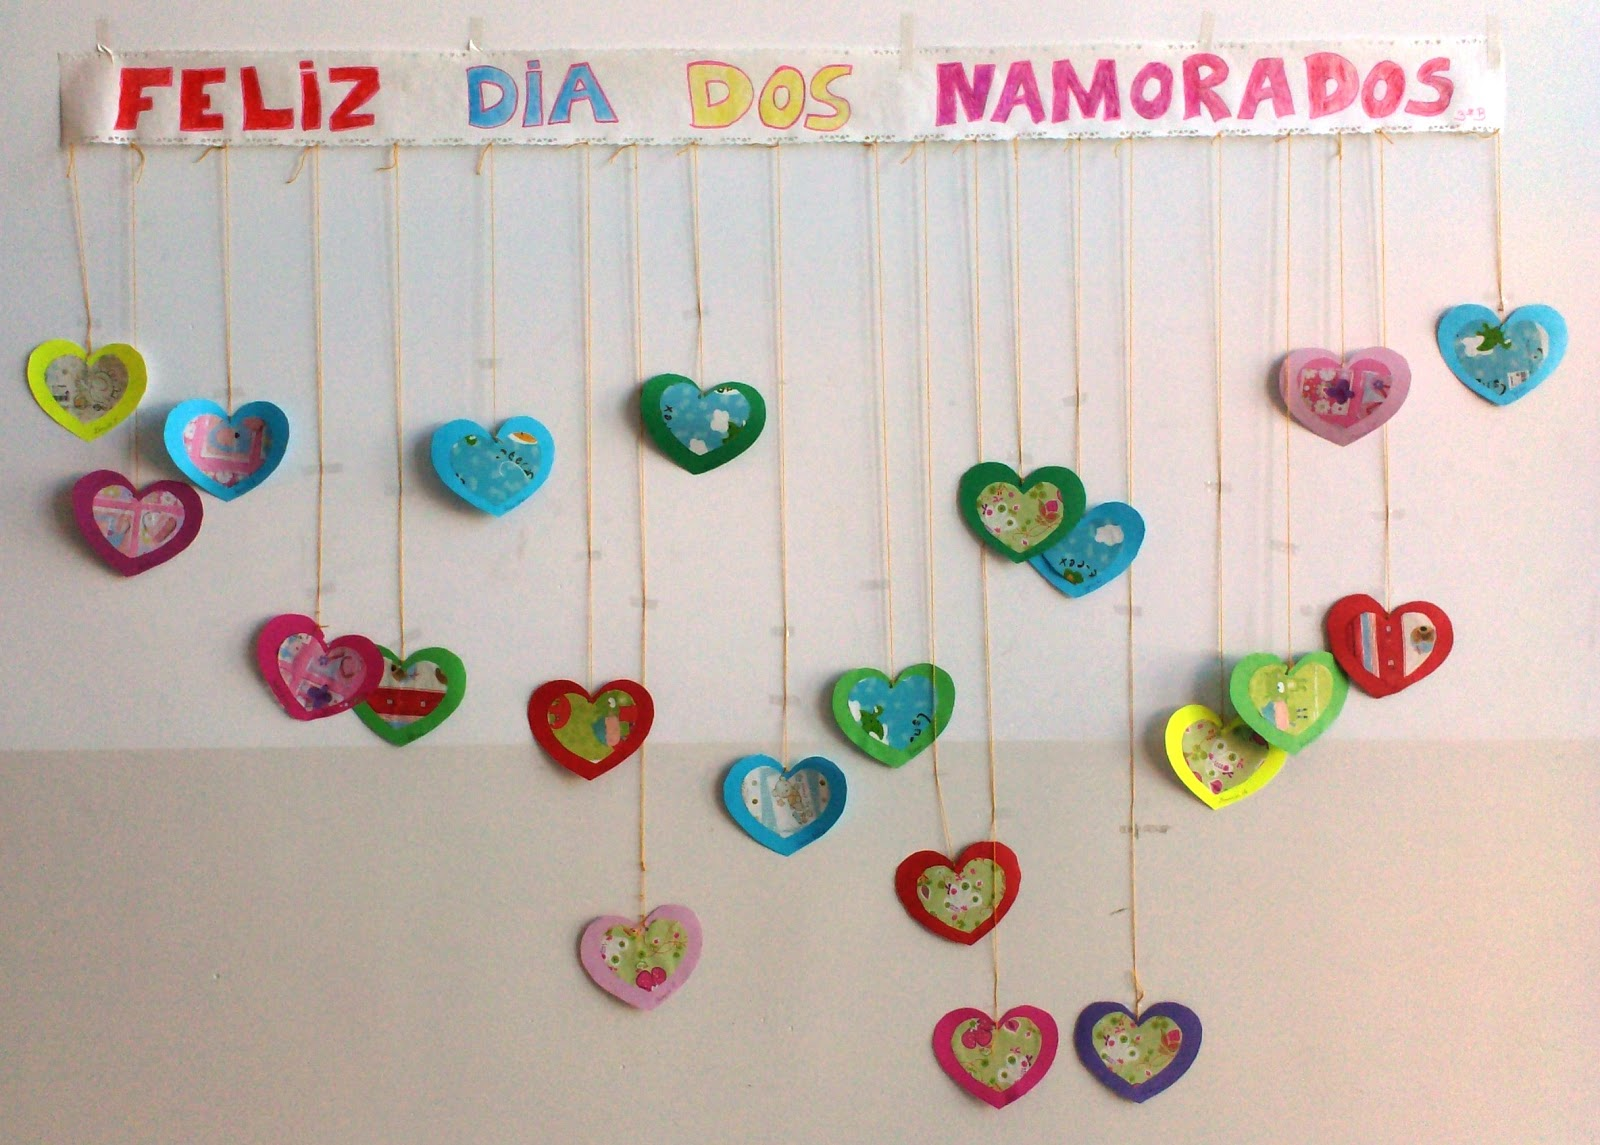 Dia Dos Namorados: E.B. Salgueiro Maia: Dia Dos Namorados